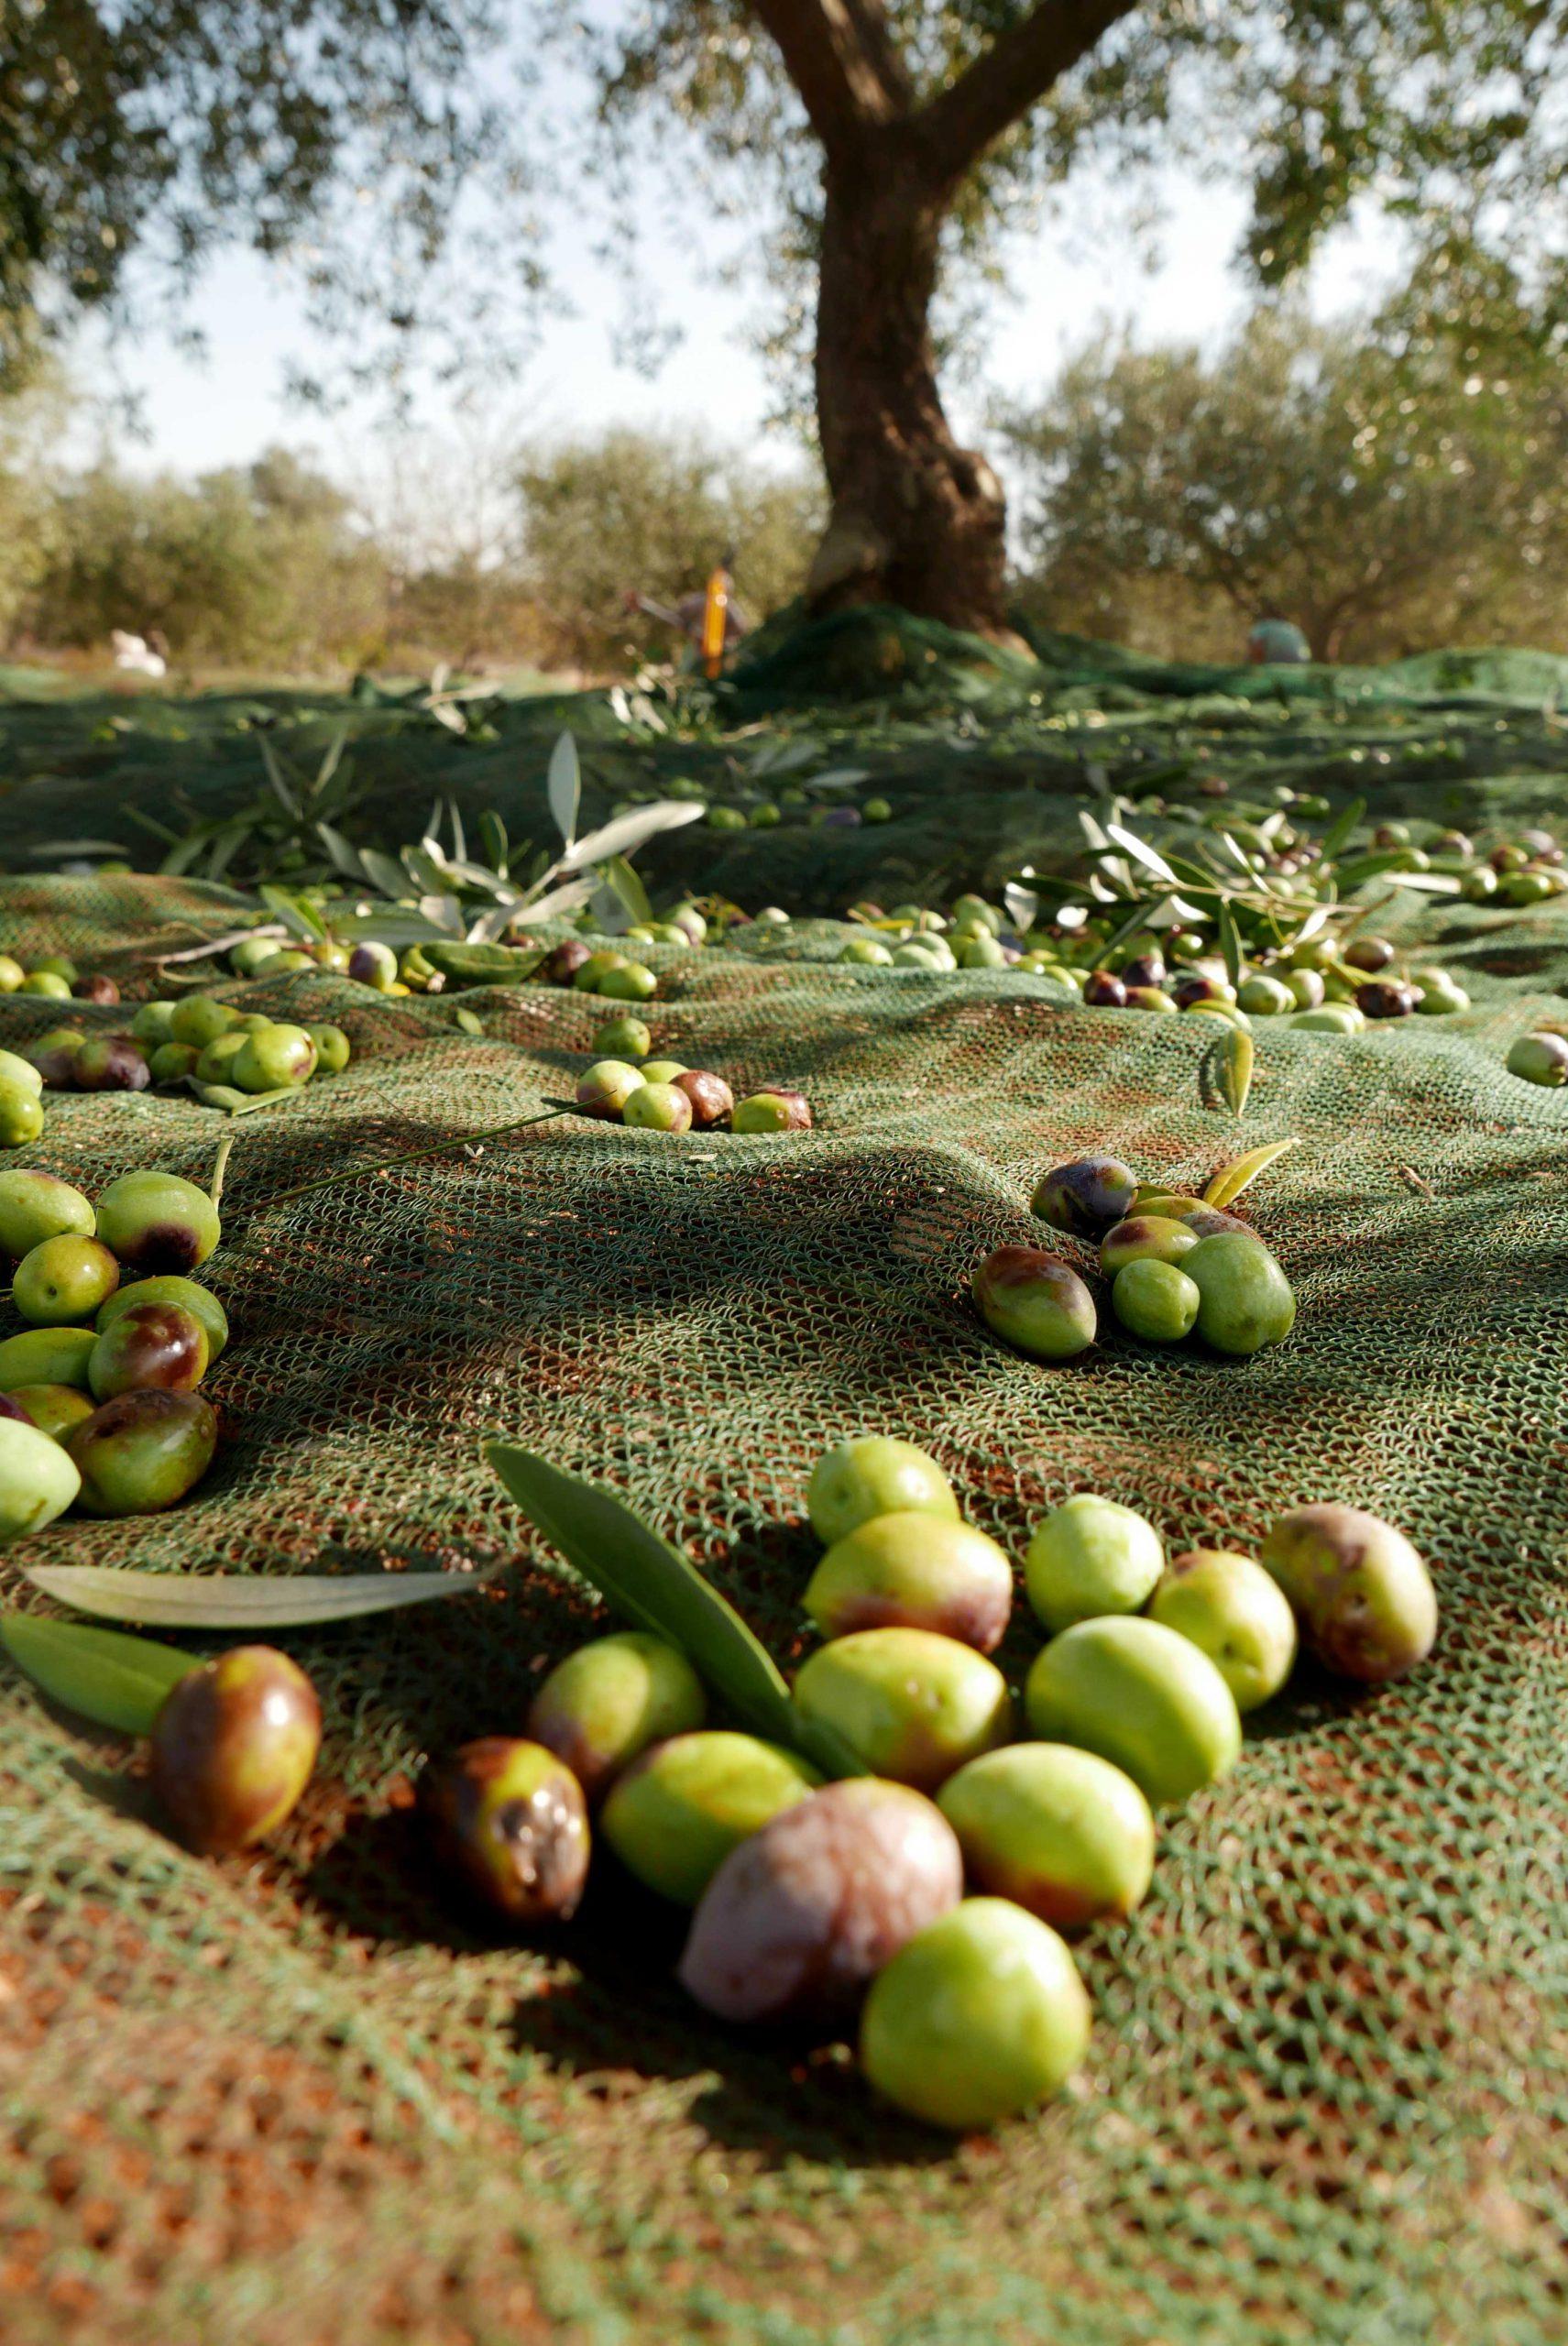 Novembre è il mese della raccolta delle olive in Puglia: scopri con noi questa antica tradizione!